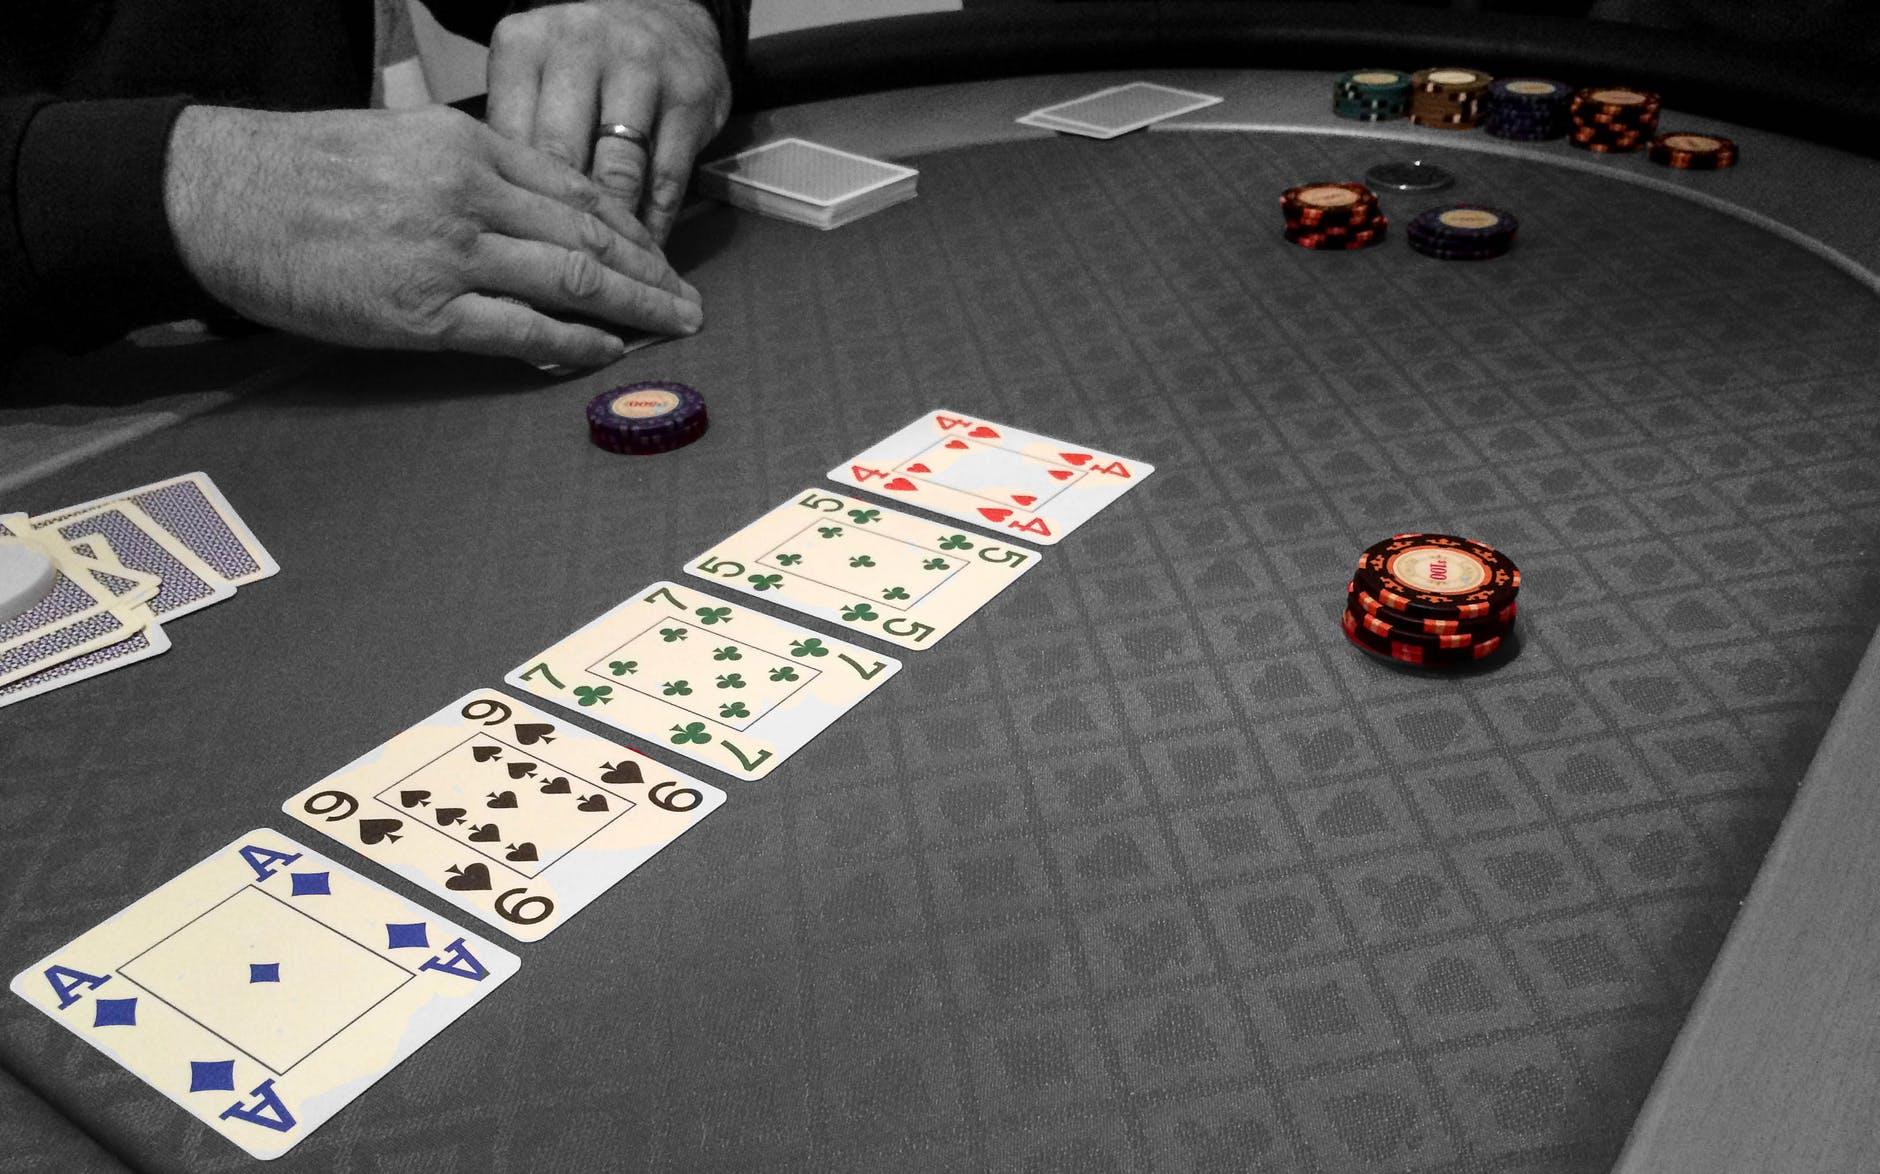 jocuri de noroc1